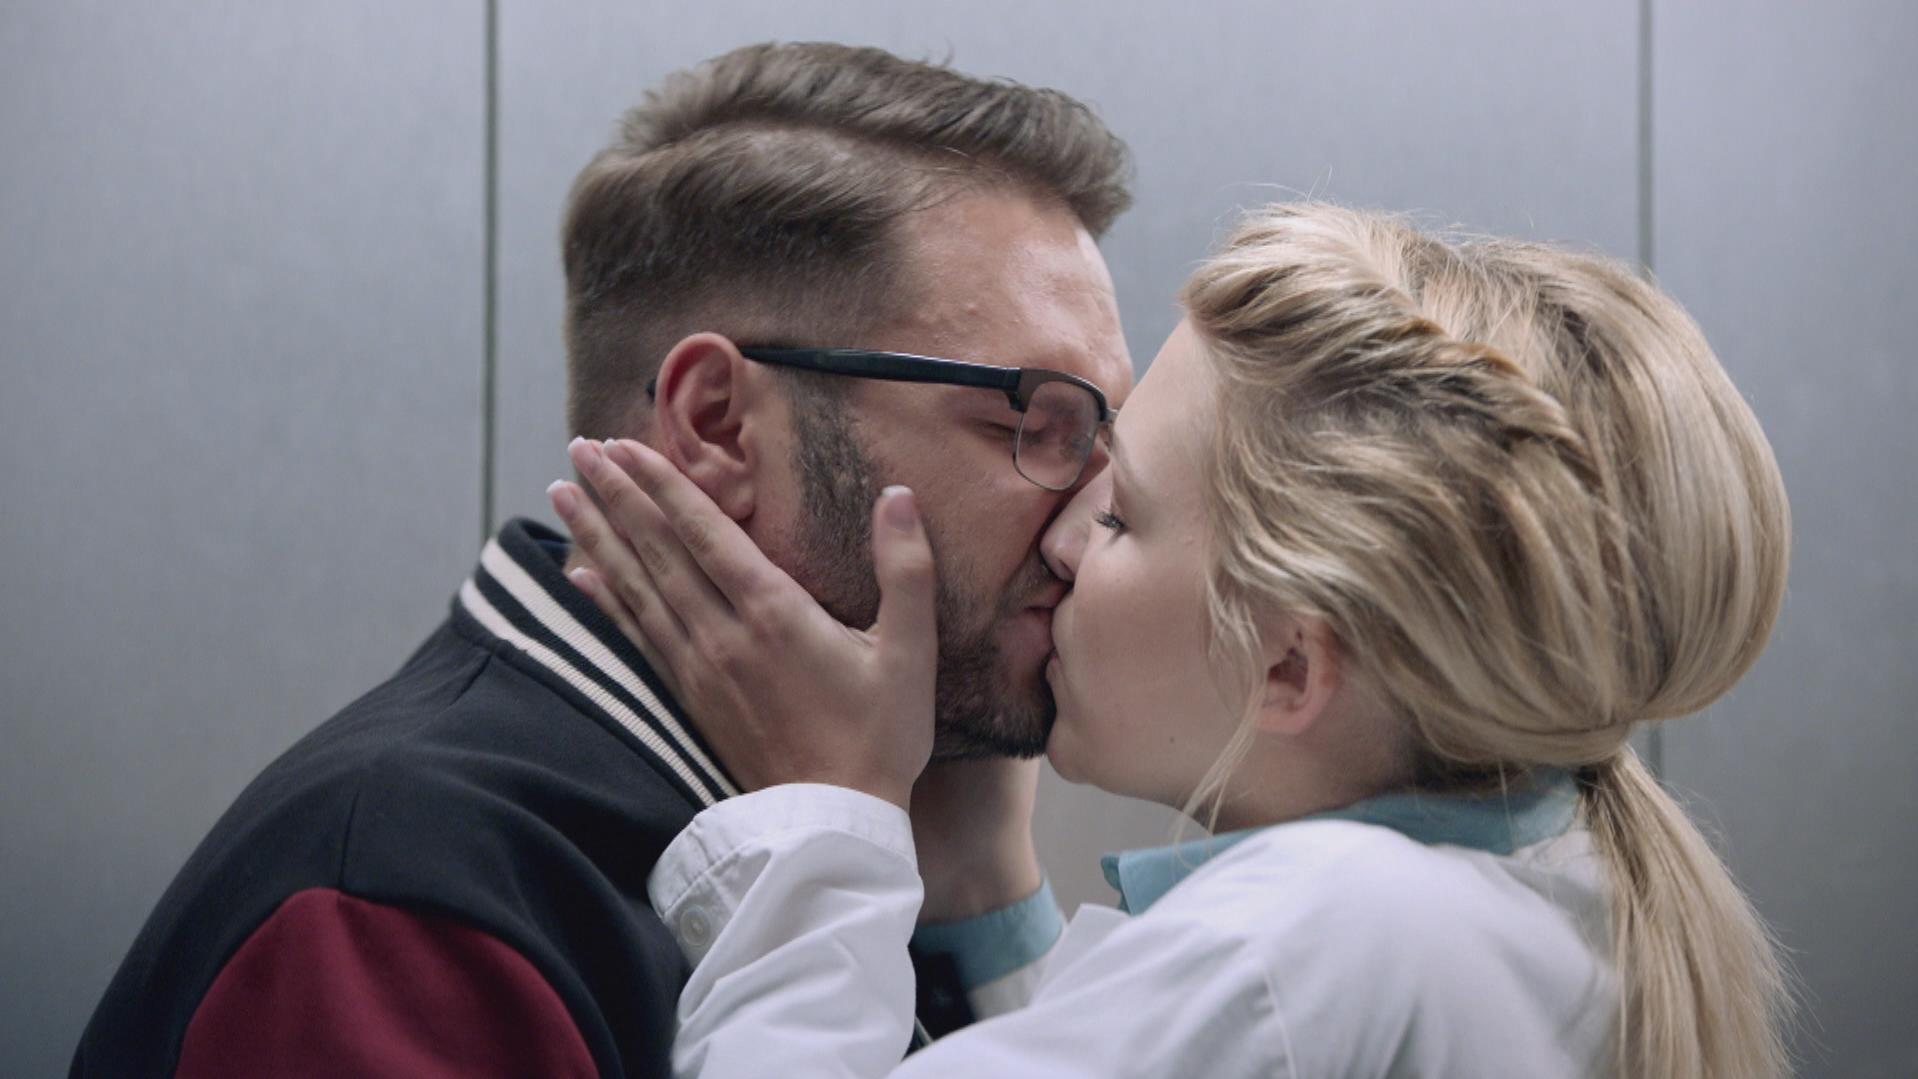 GZSZ-Folge 6397 vom 04.12.2017: Tuner und Lilly küssen sich